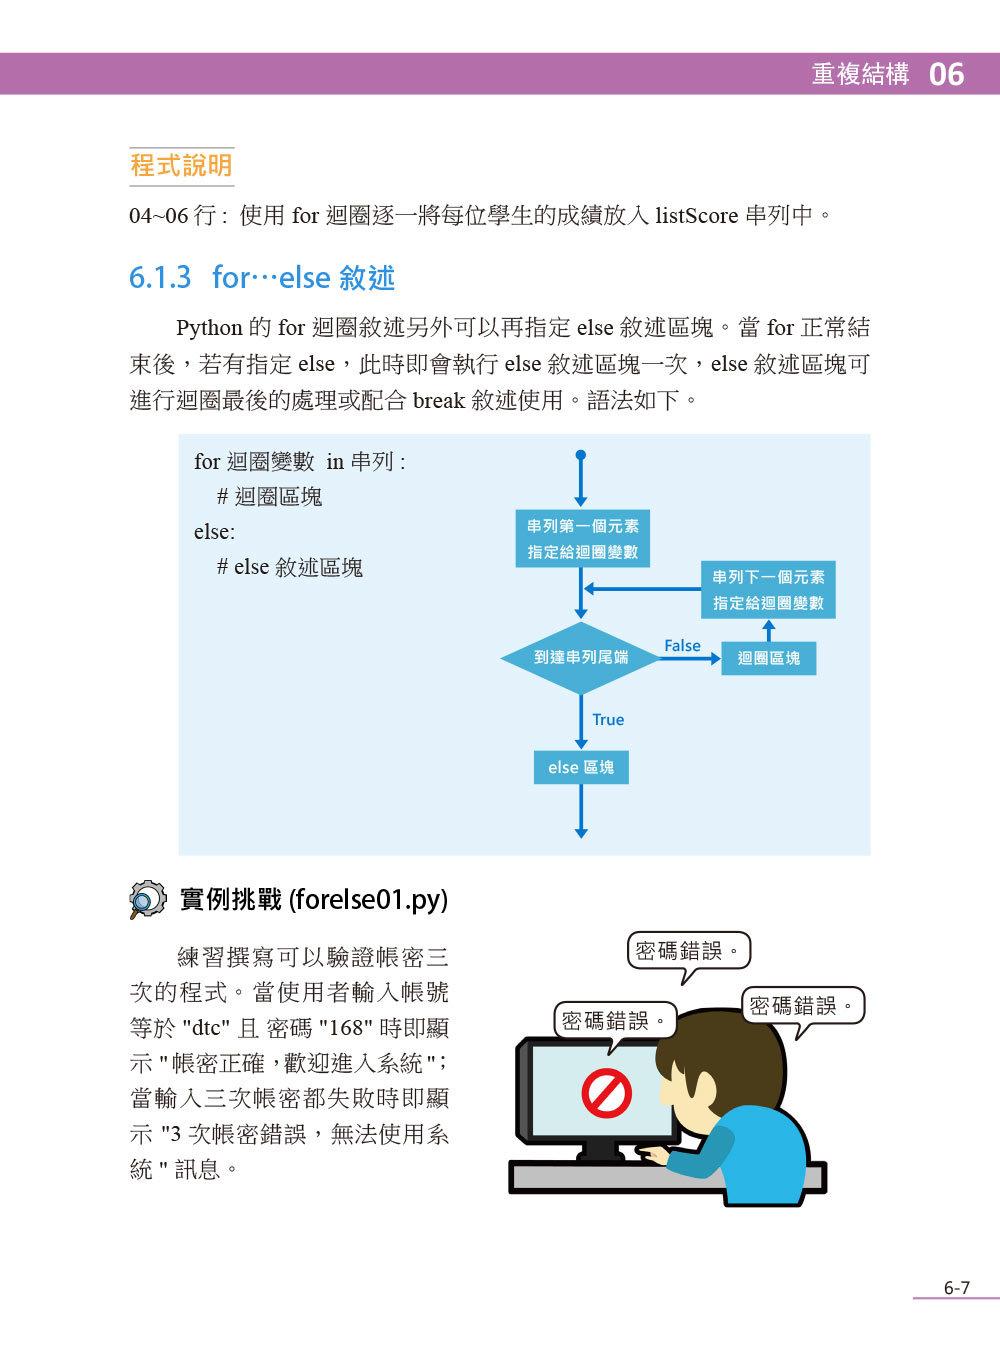 跟著阿才學 Python - 從基礎到網路爬蟲應用-preview-7